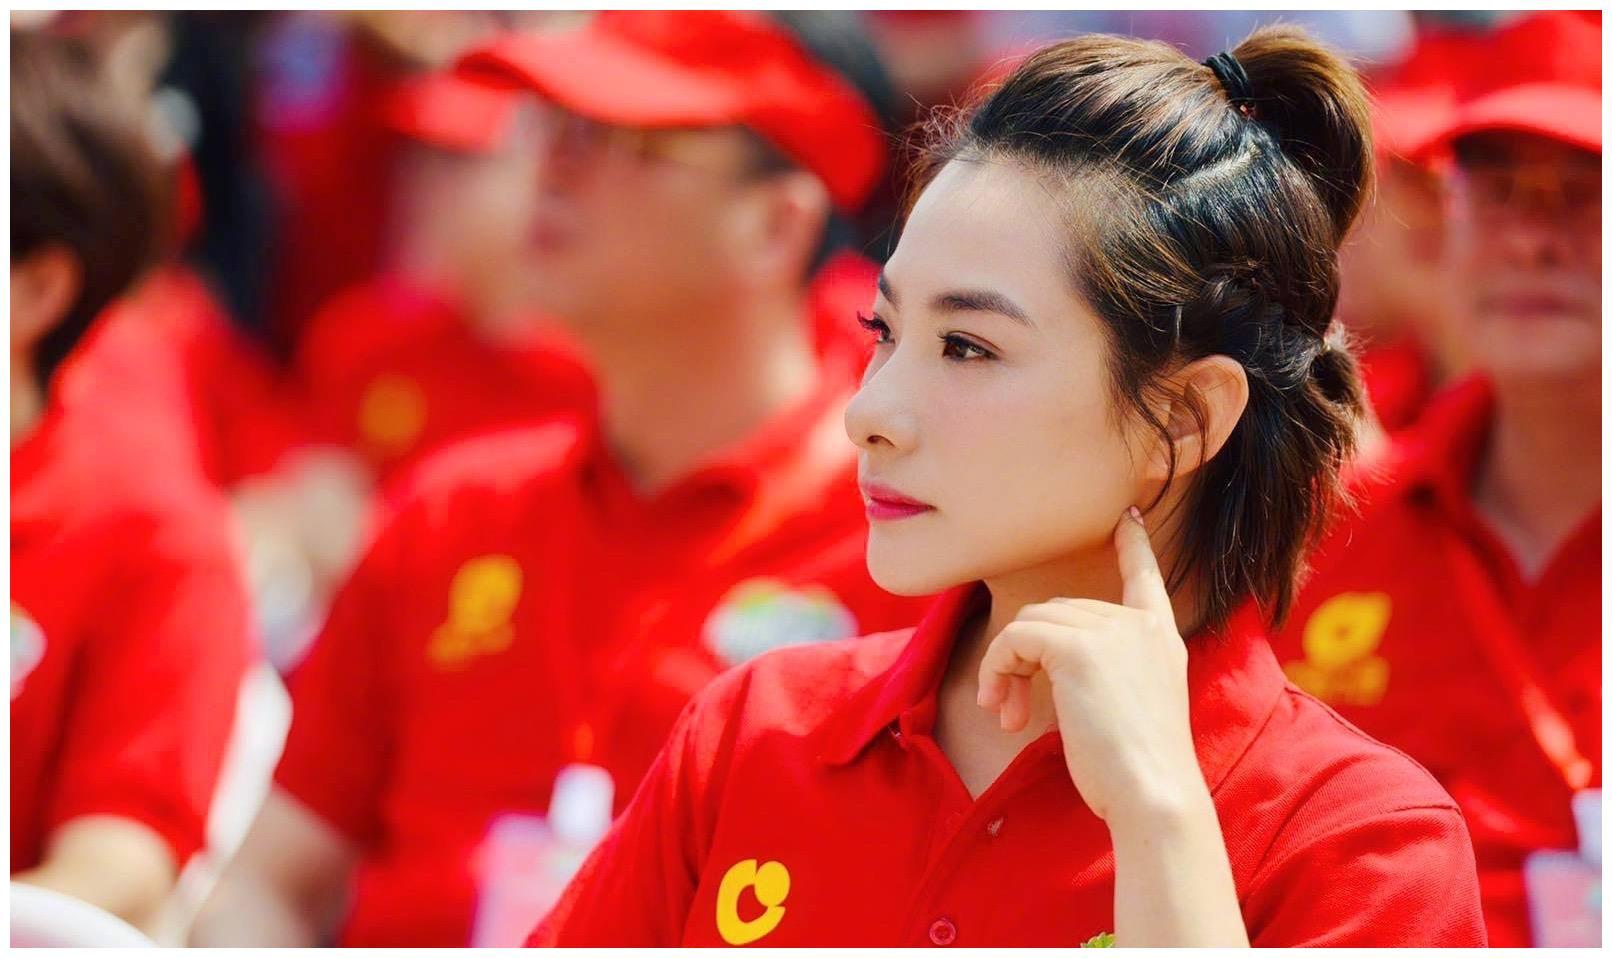 中国体操队长转型进娱乐圈发展,如今41岁身价过亿令人羡慕